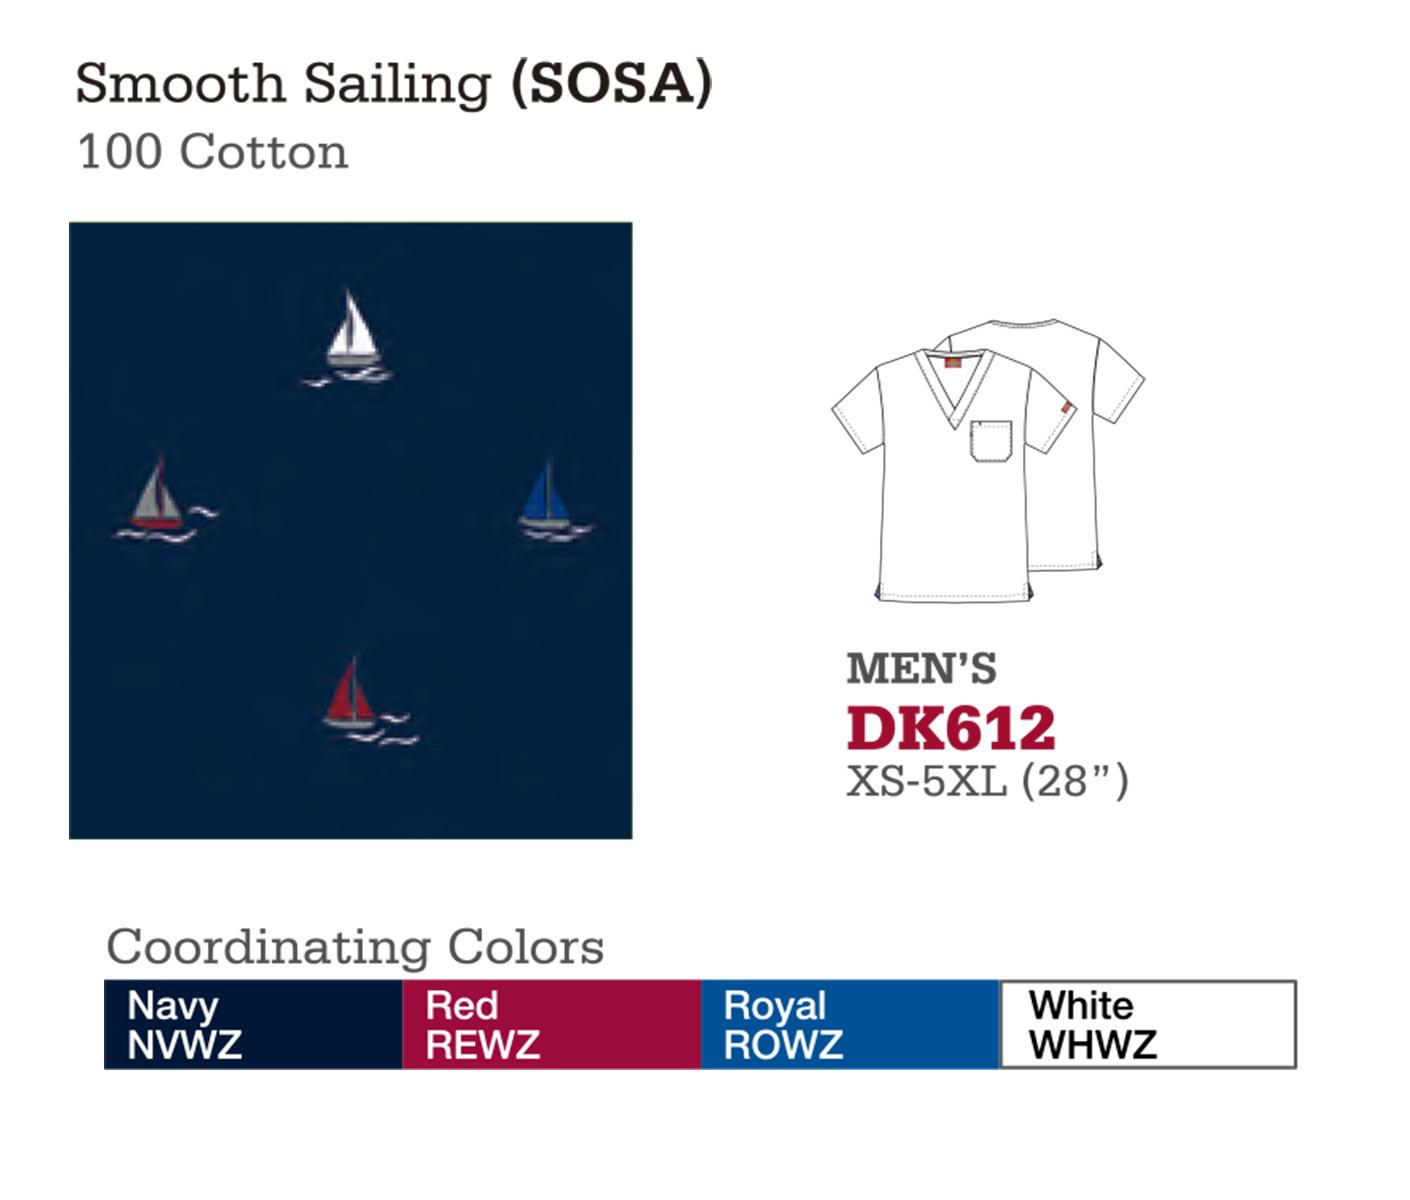 Smooth Sailing. DK612.